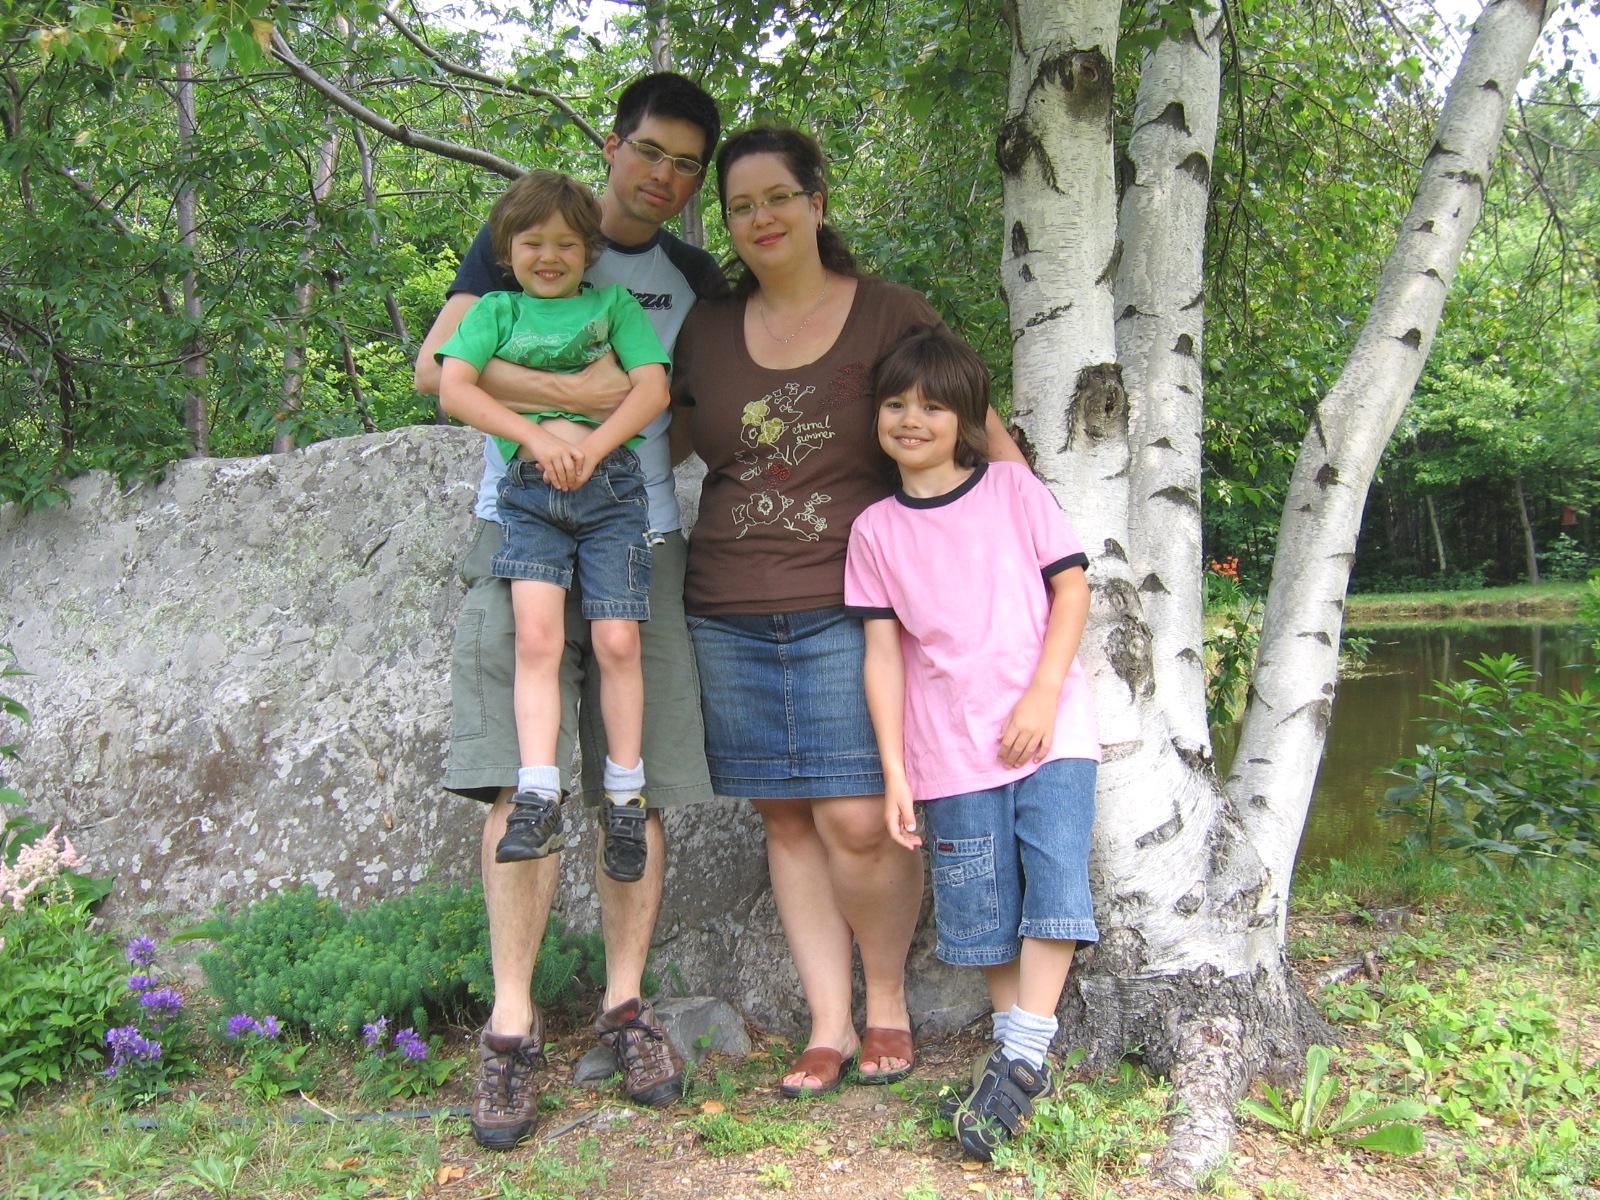 Notre famille en 2006.